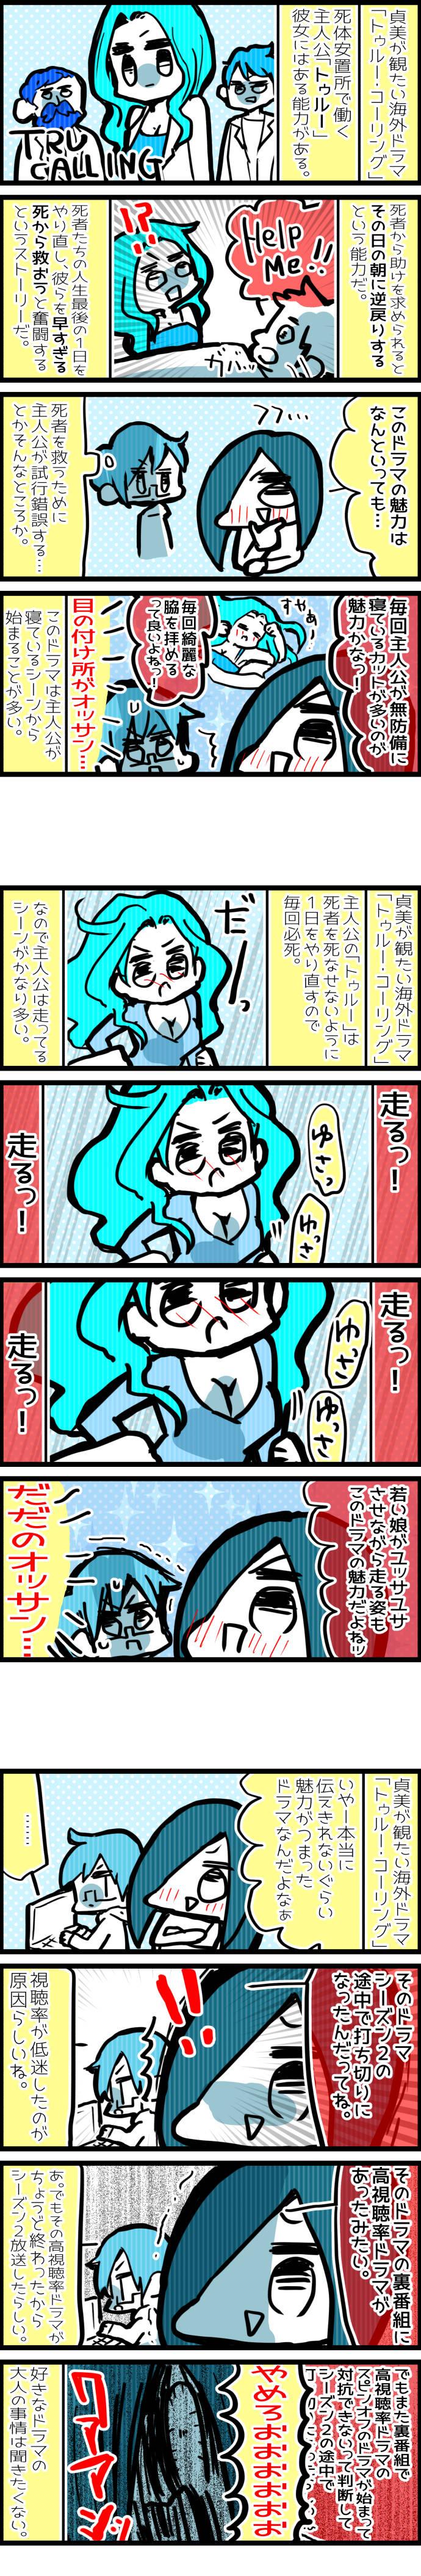 neetsadami.com_23話